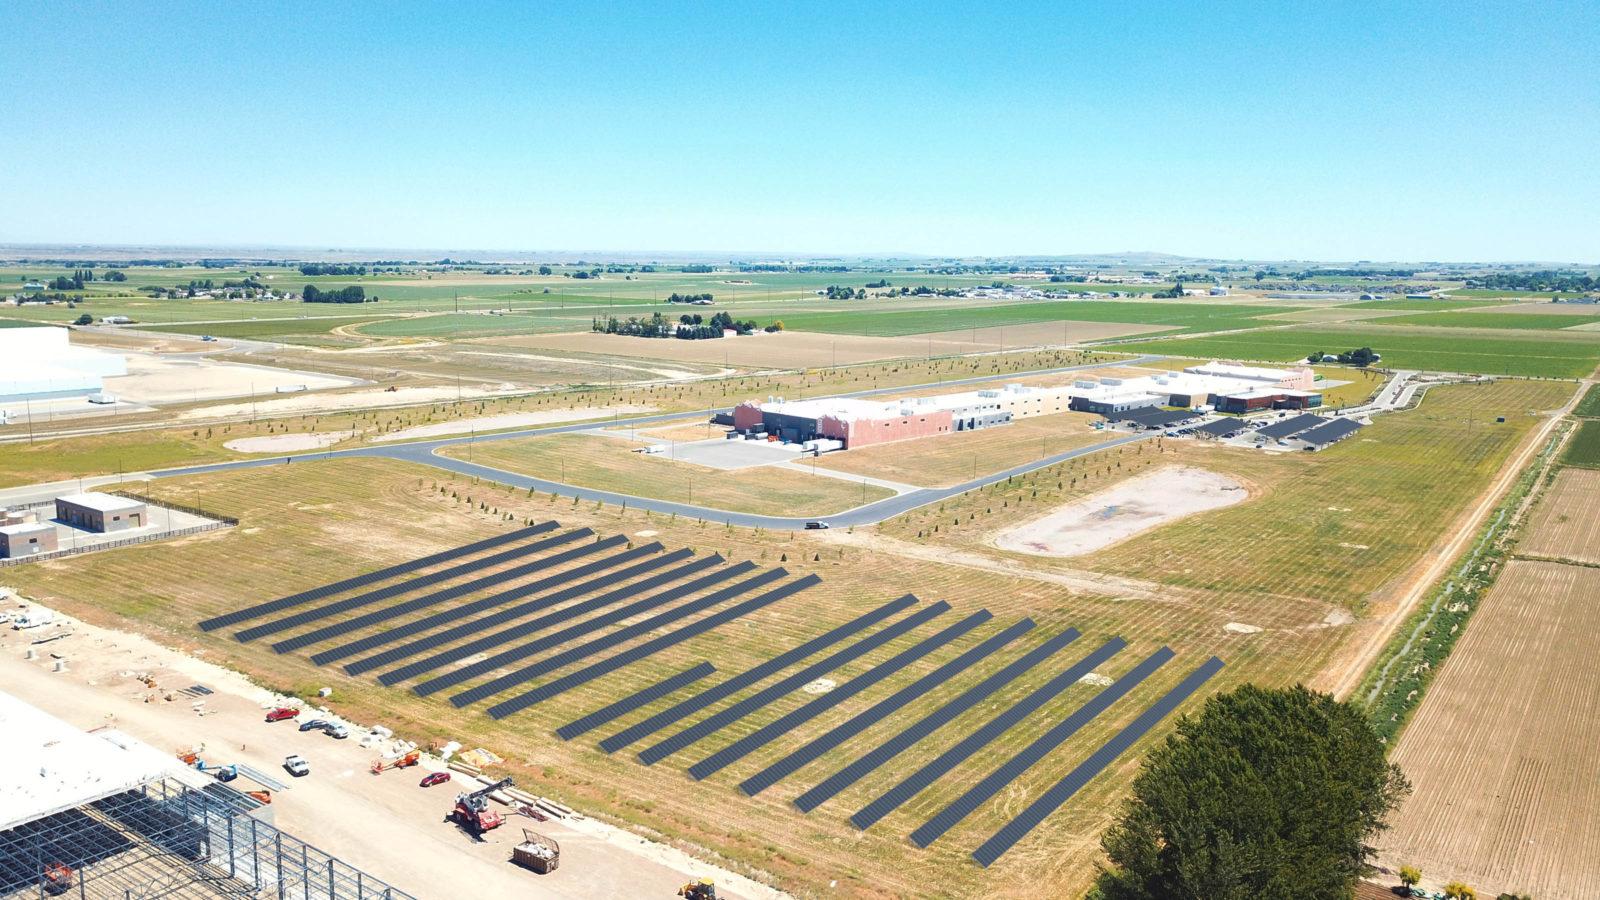 Clif Bar Goes Solar With New 5 Acre, 2 MW Solar Farm In Twin Falls, Idaho